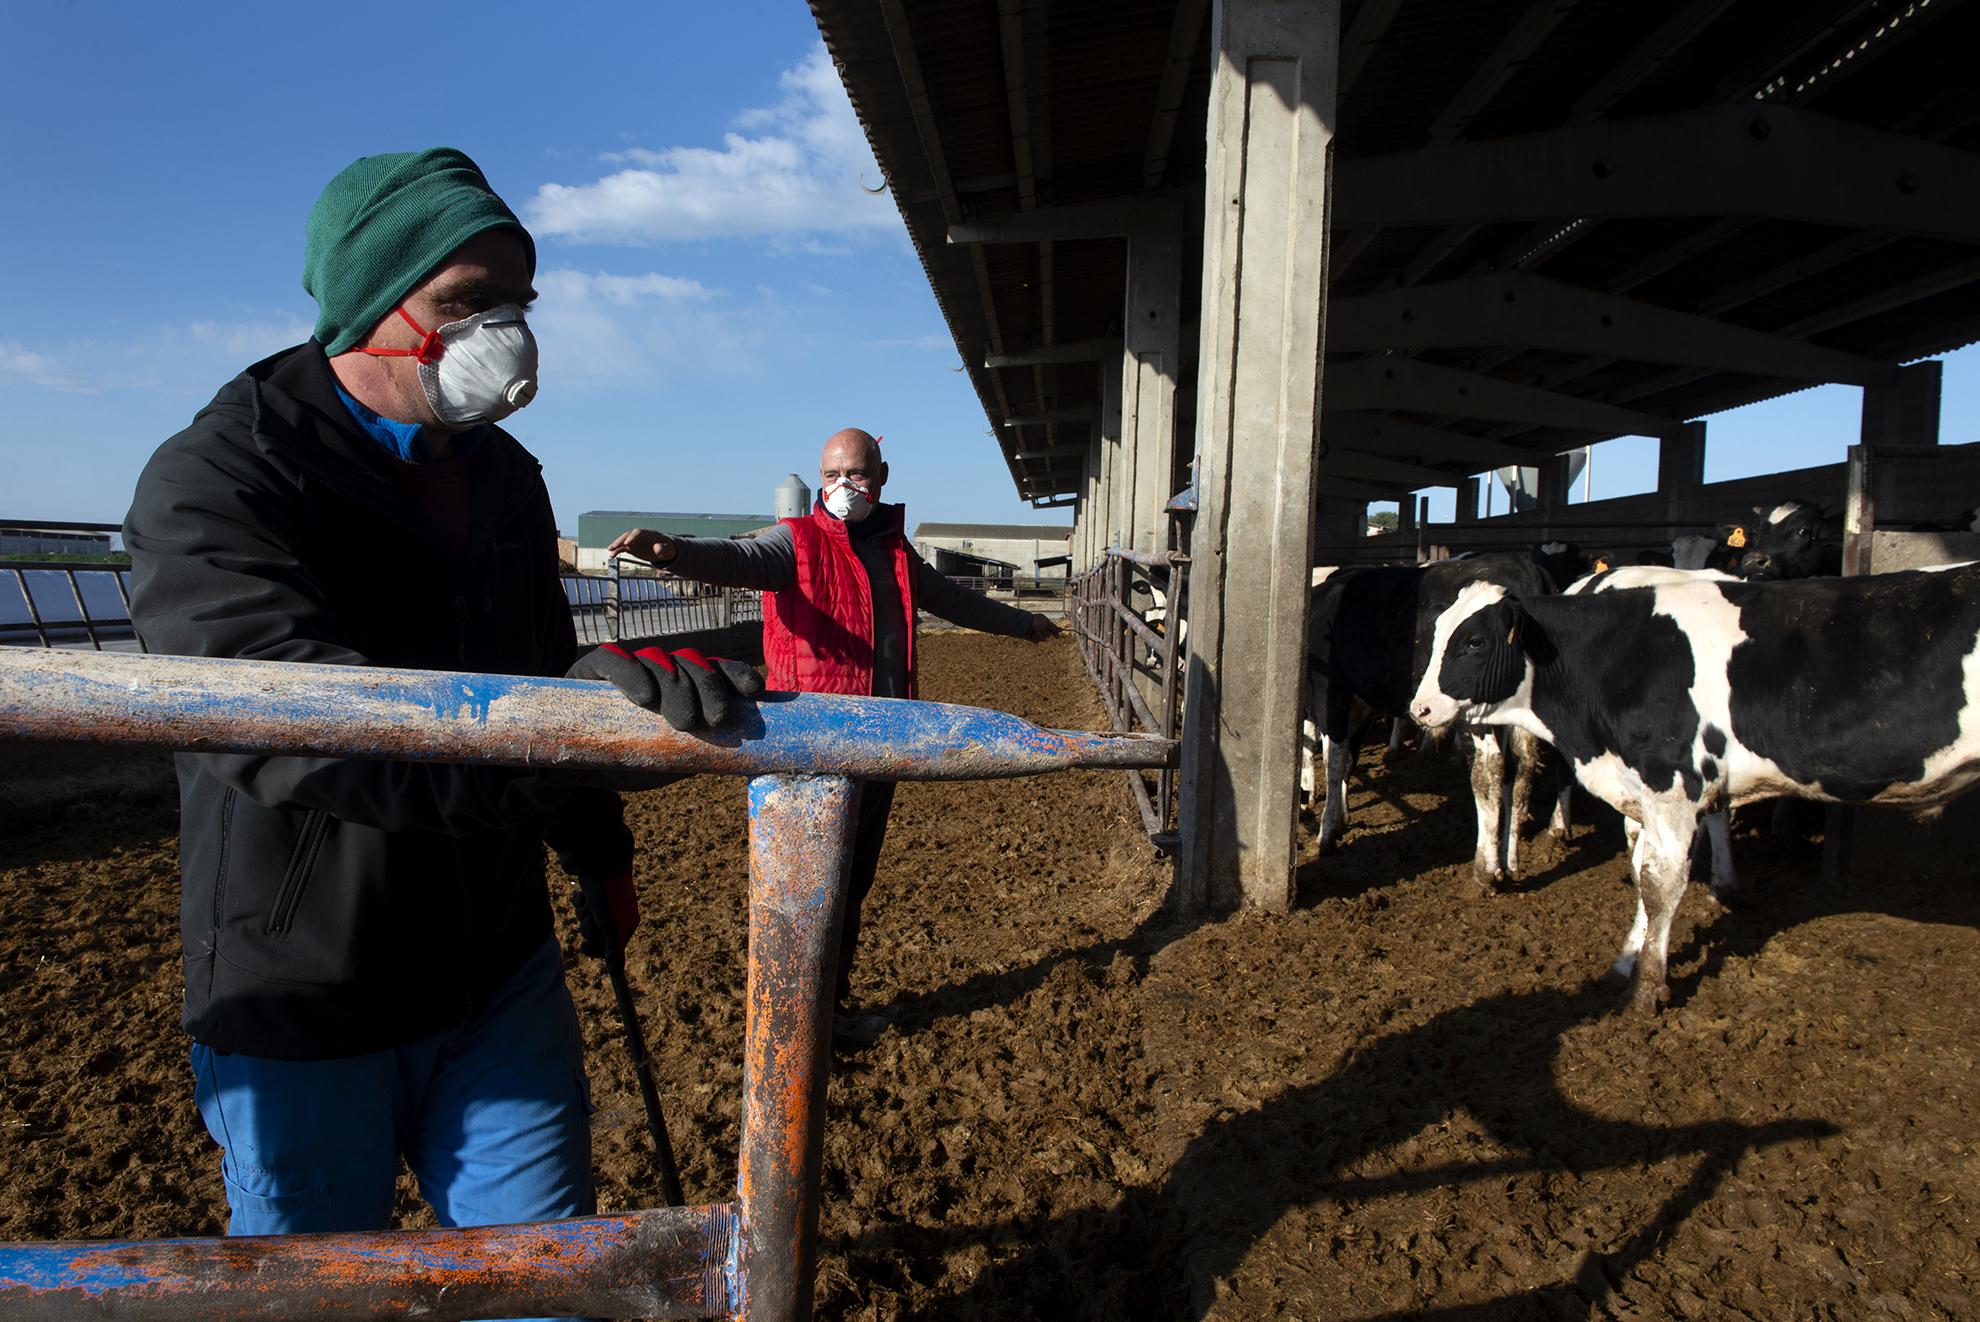 Enrique y Claudio trabajan en el campo. Cuidan de una granja de terneros y varias fincas en Altorricón. Su trabajo no ha cesado durante toda la pandemia. La agricultura y la ganadería son un servicio esencial, hoy y siempre, para mantener abastecida de alimentos a la población.